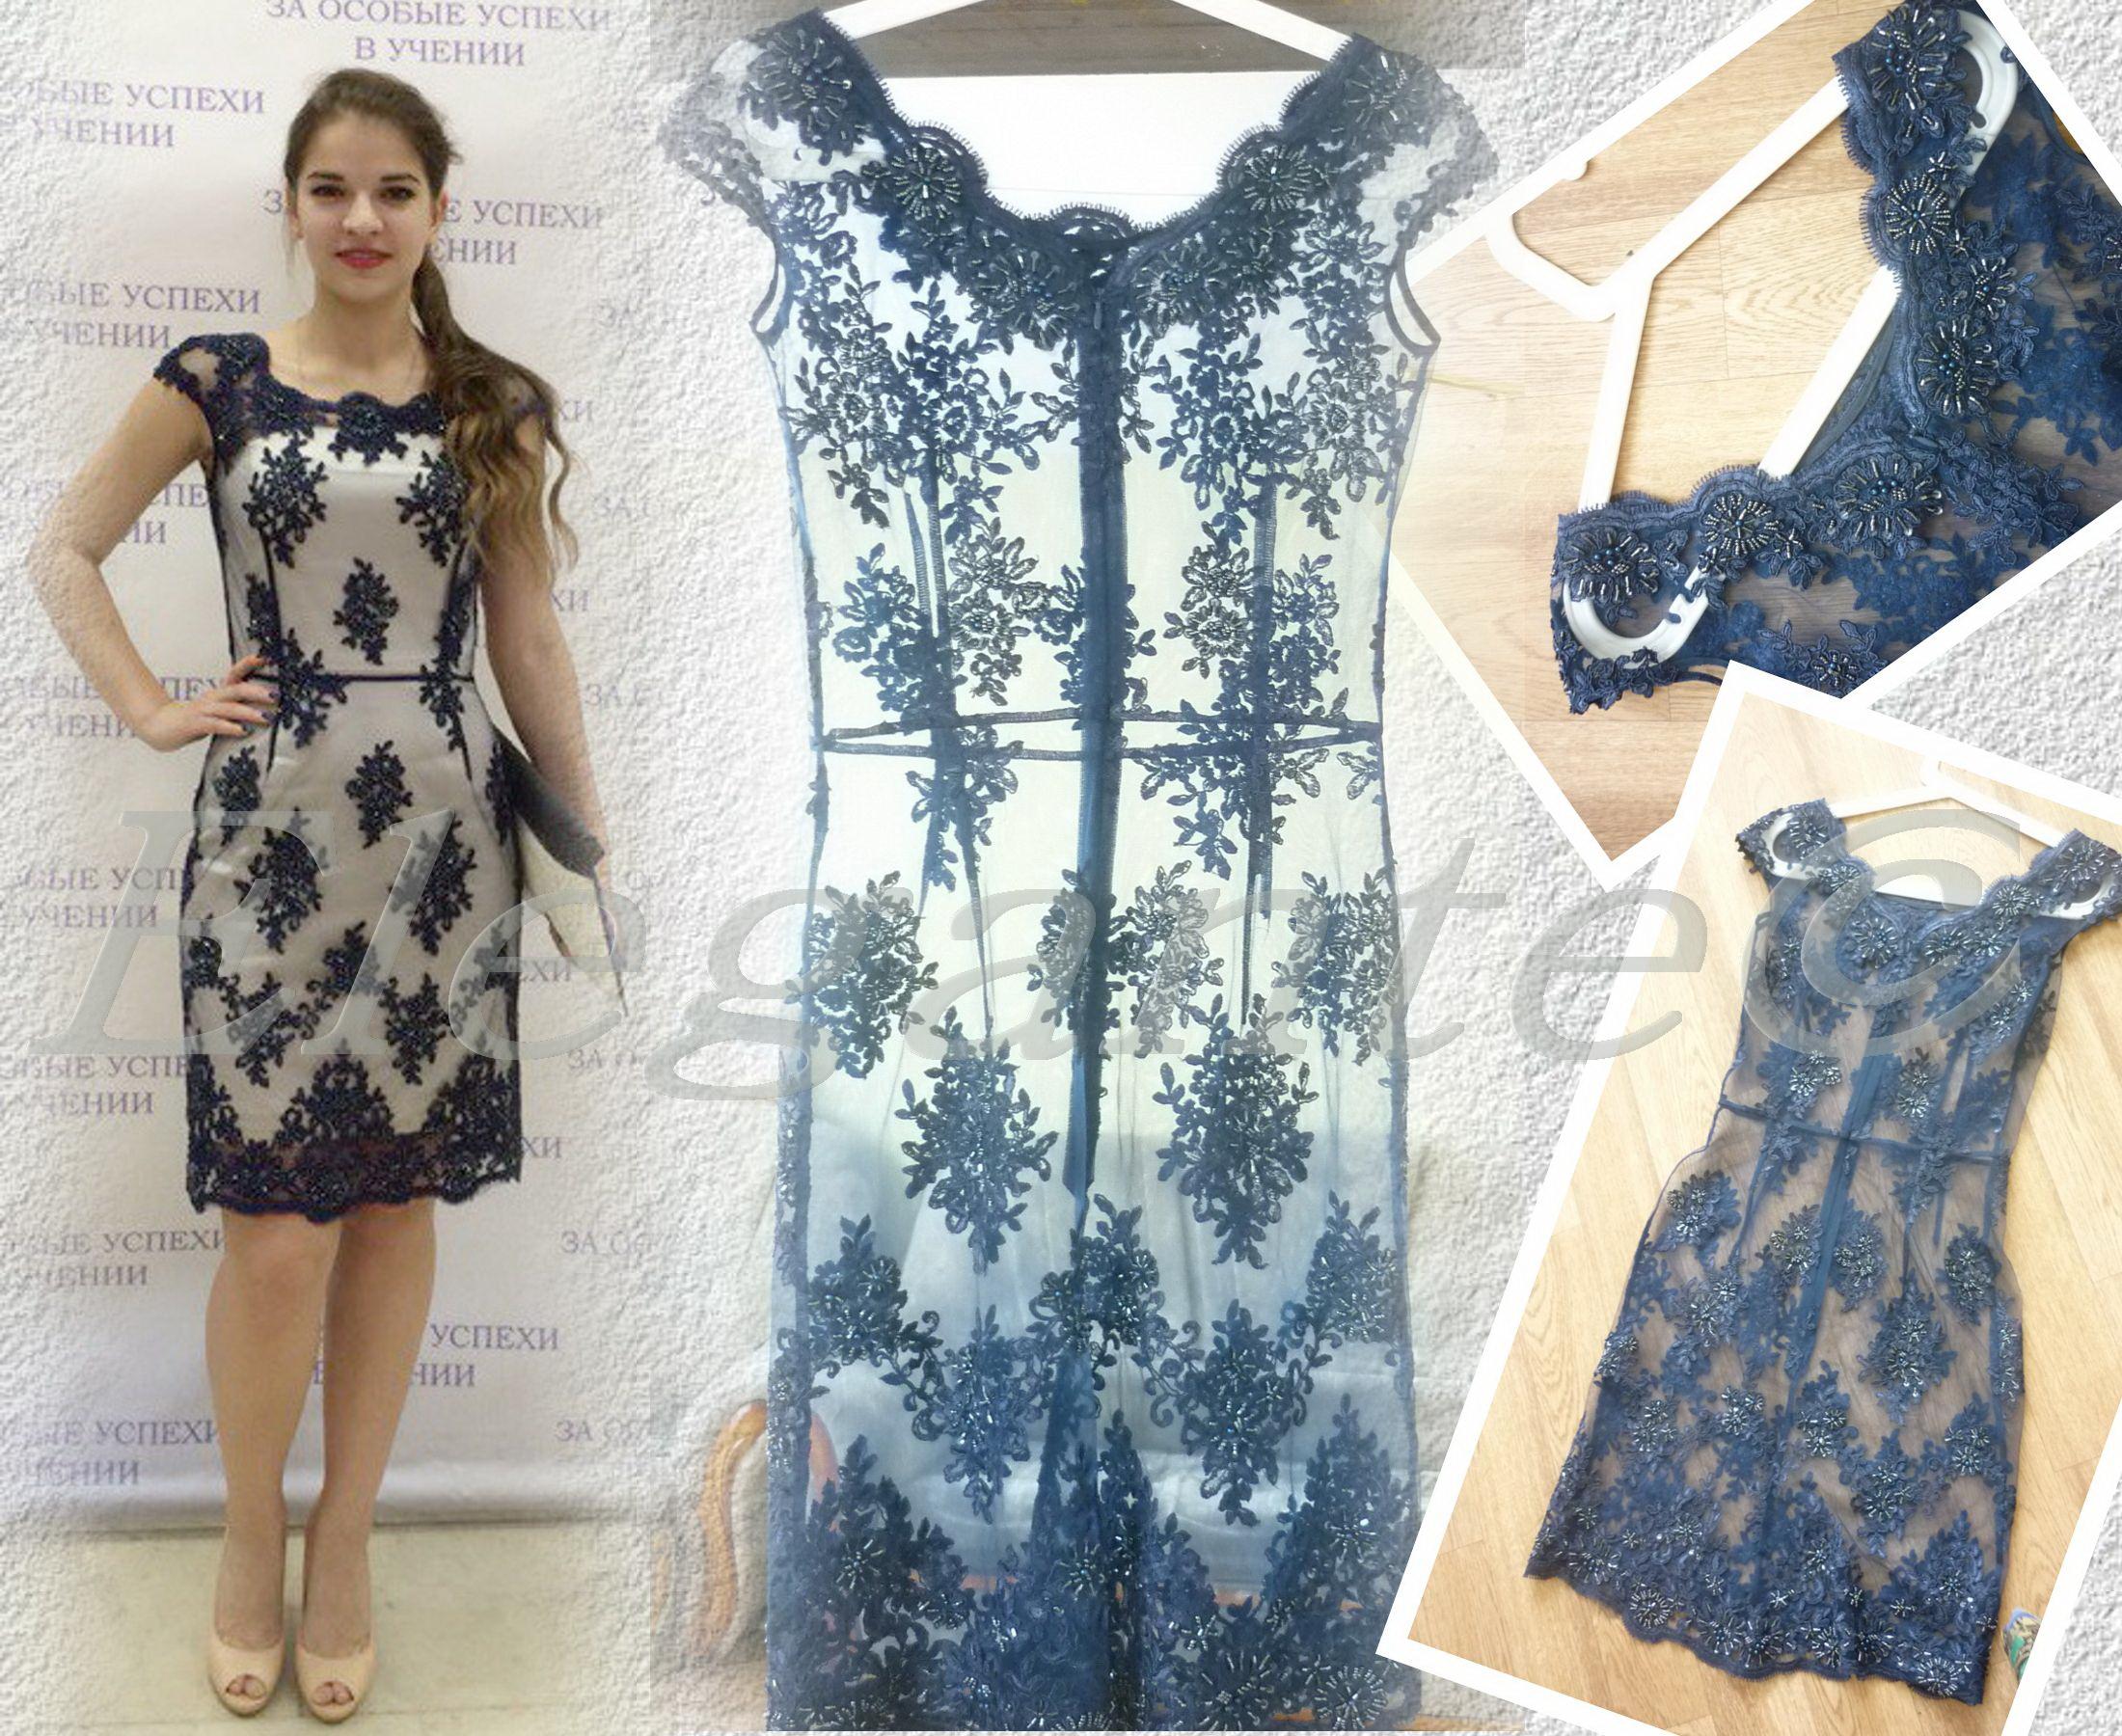 Платье-сетка: обзор актуальных моделей с фото